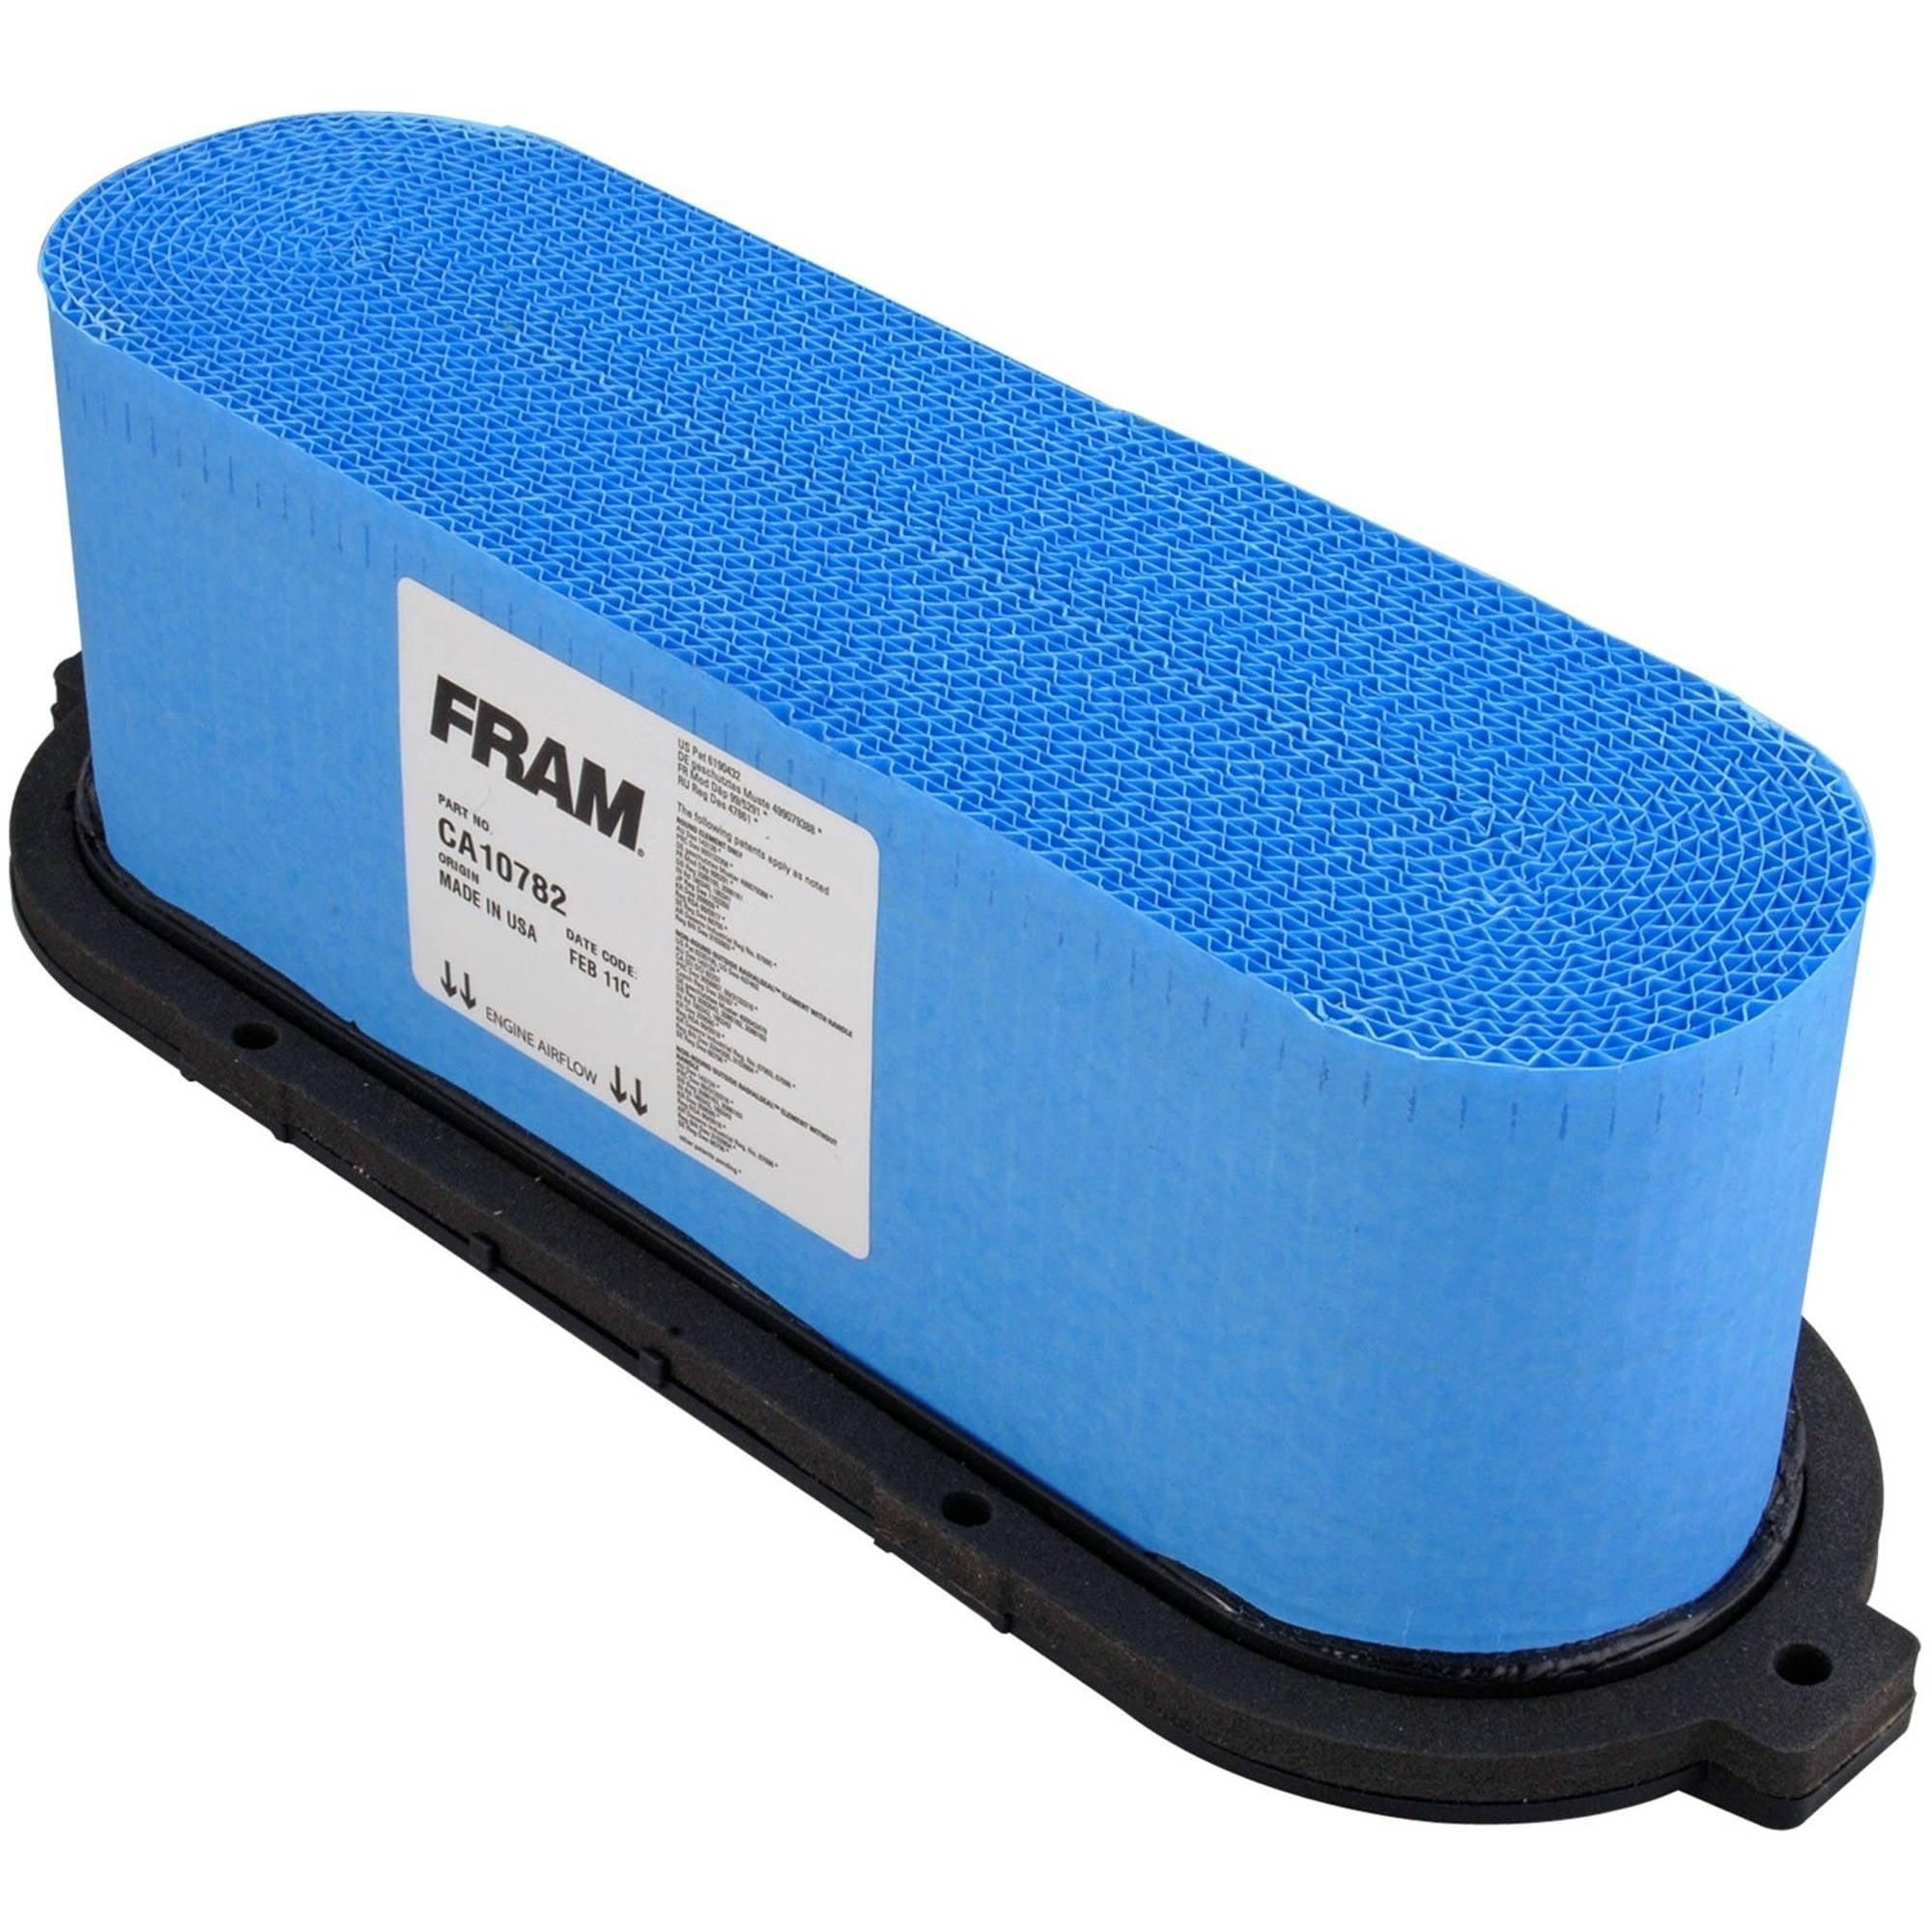 FRAM Extra Guard Air Filter, CA10782 by FRAM